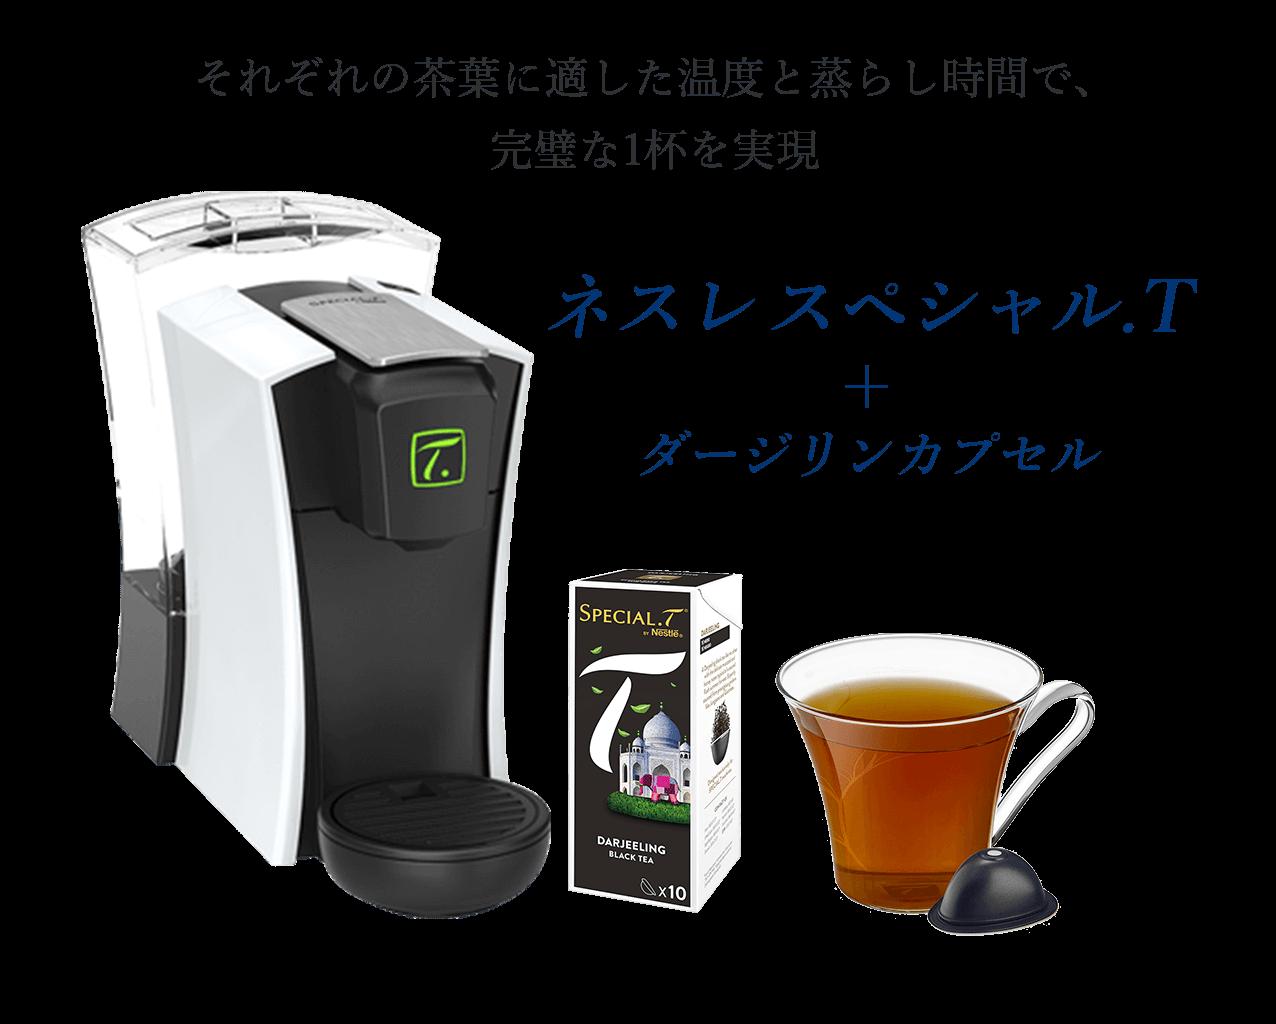 それぞれの茶葉に適した温度と蒸らし時間で、完璧な1杯を実現             ネスレ スペシャル.T+ダージリンカプセル